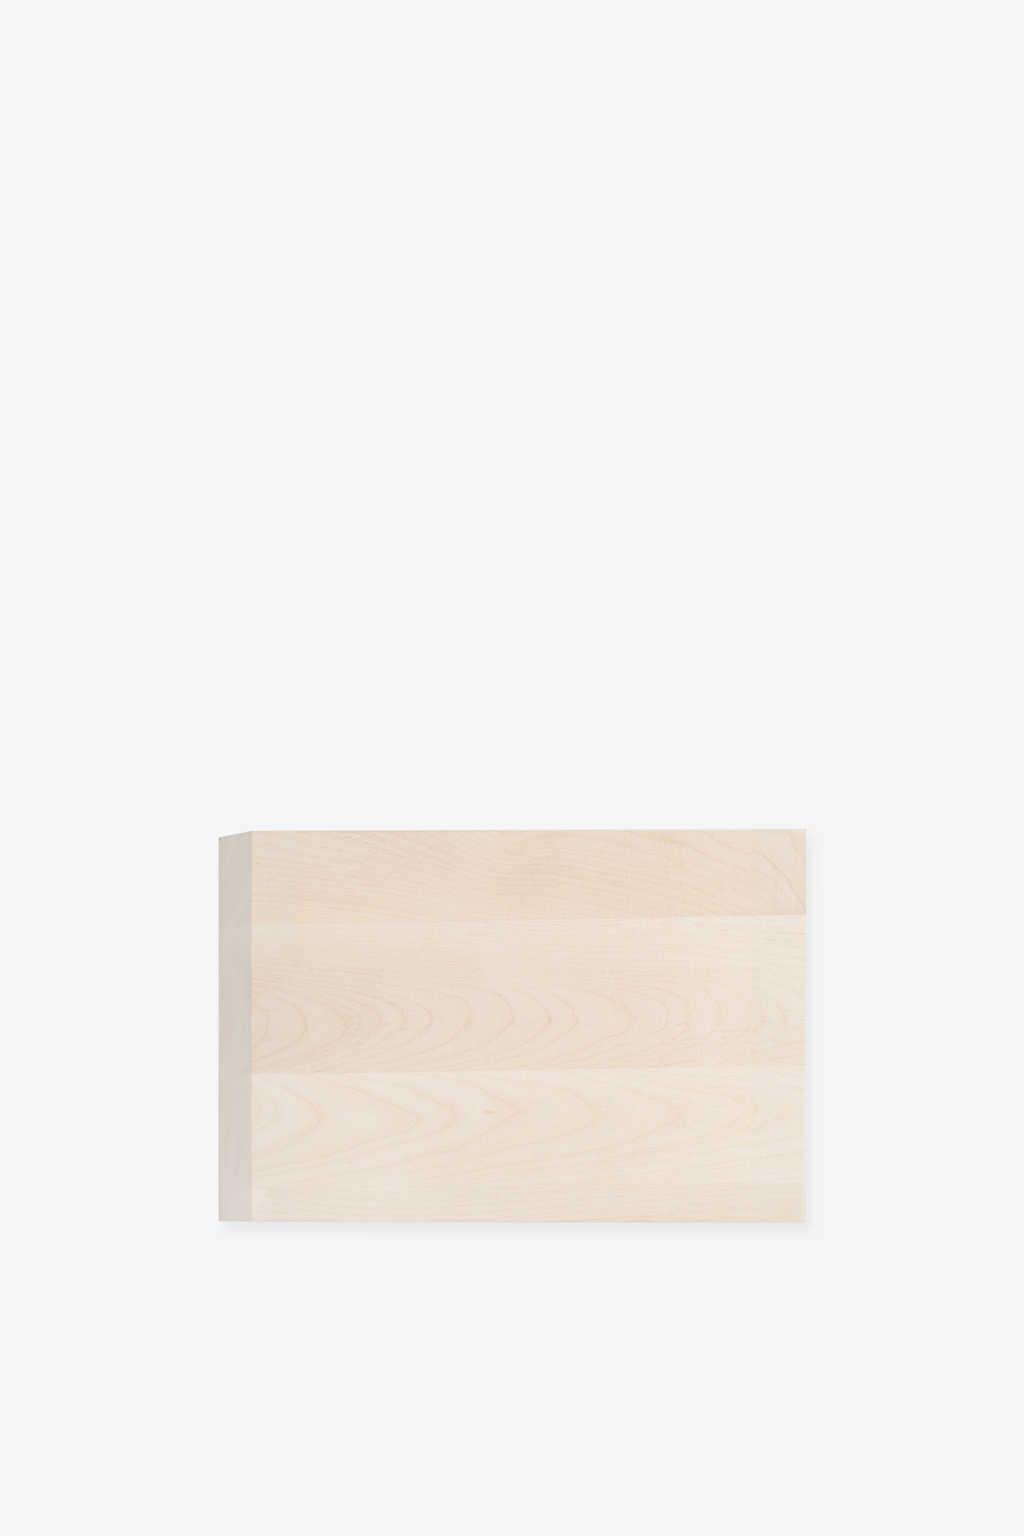 Small Cutting Board 1019 Brown 5